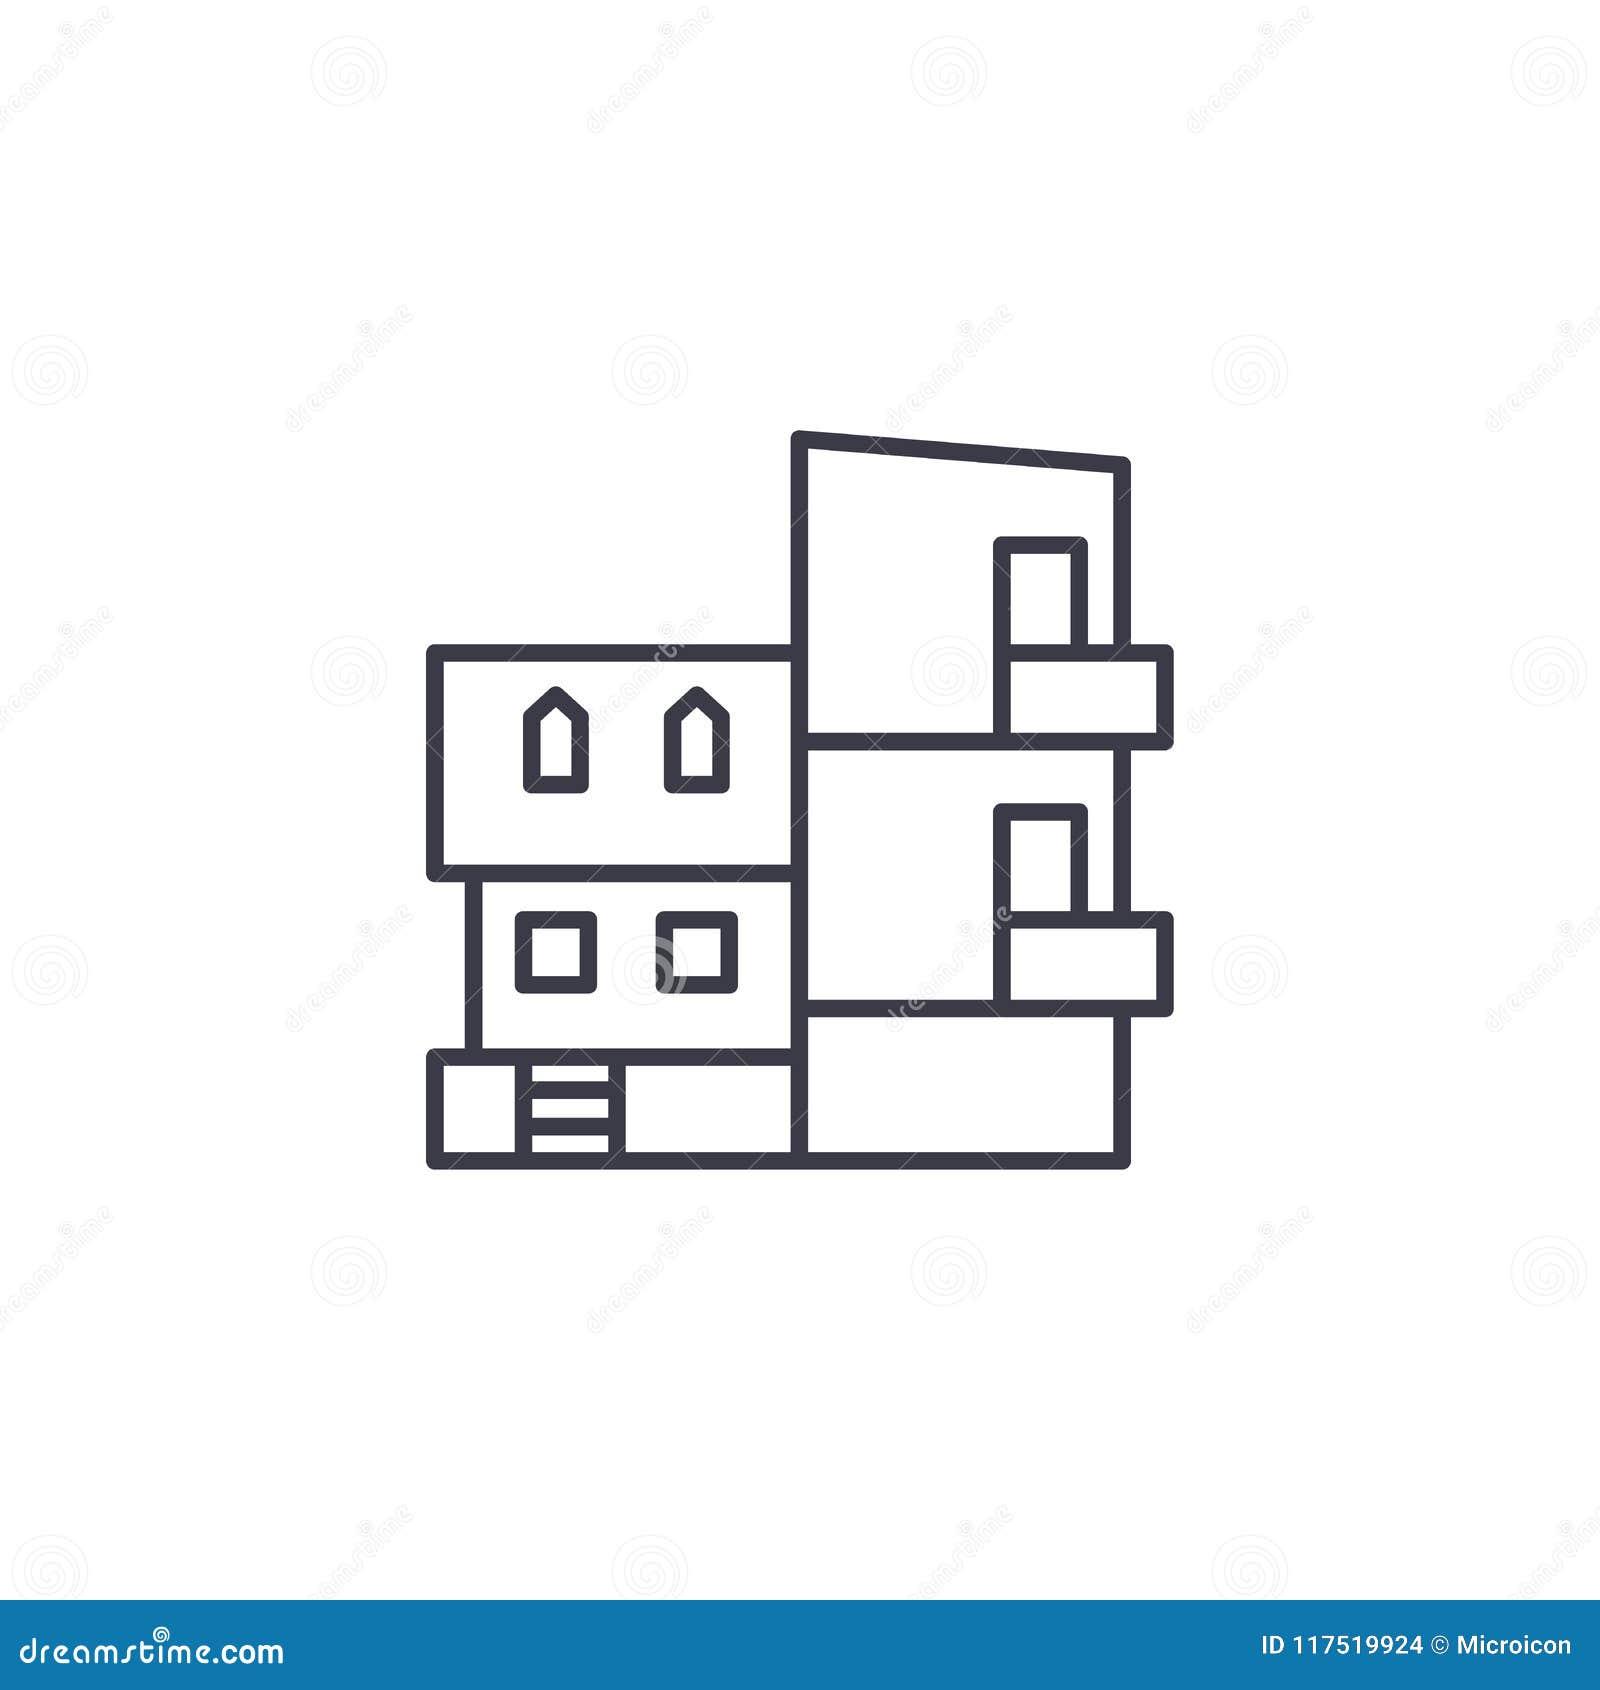 Het moderne concept van het Villa lineaire pictogram Het moderne vectorteken van de Villalijn, symbool, illustratie